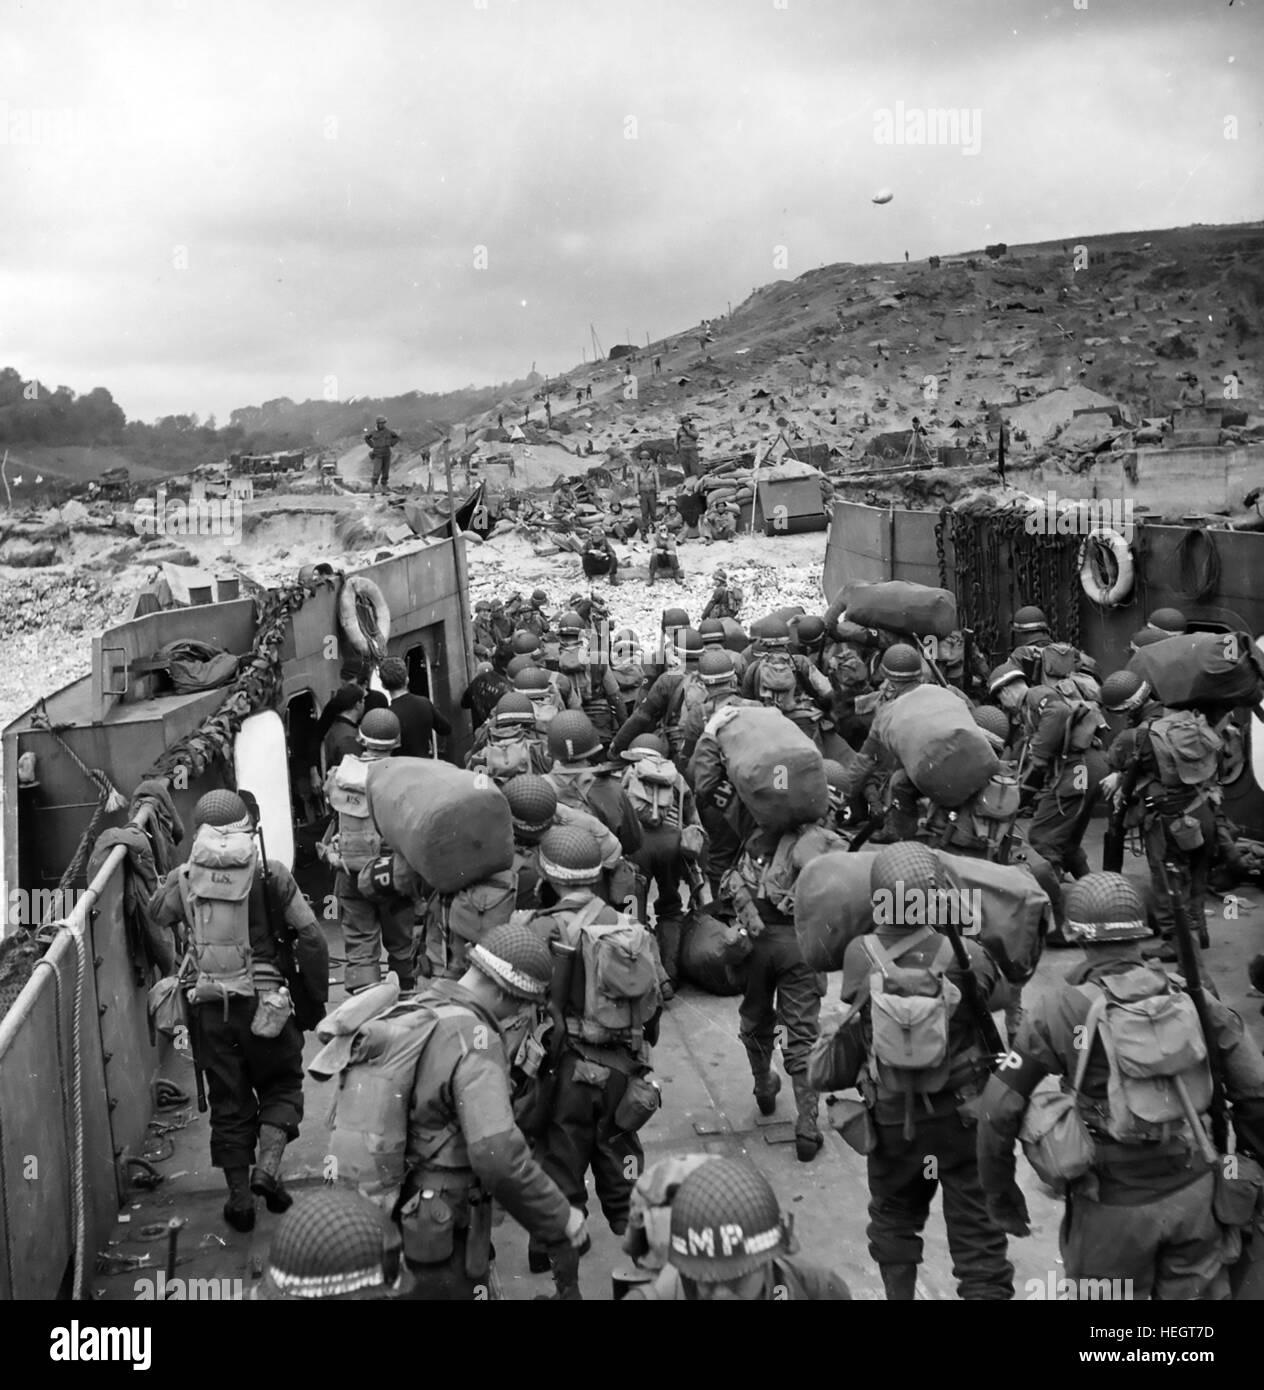 Debarquement En Normandie 1944 Du Detachement De La Police Militaire Americaine Aller A Terre En France Quelques Jours Apres Le Debarquement Initial Le 6 Juin Photo Stock Alamy